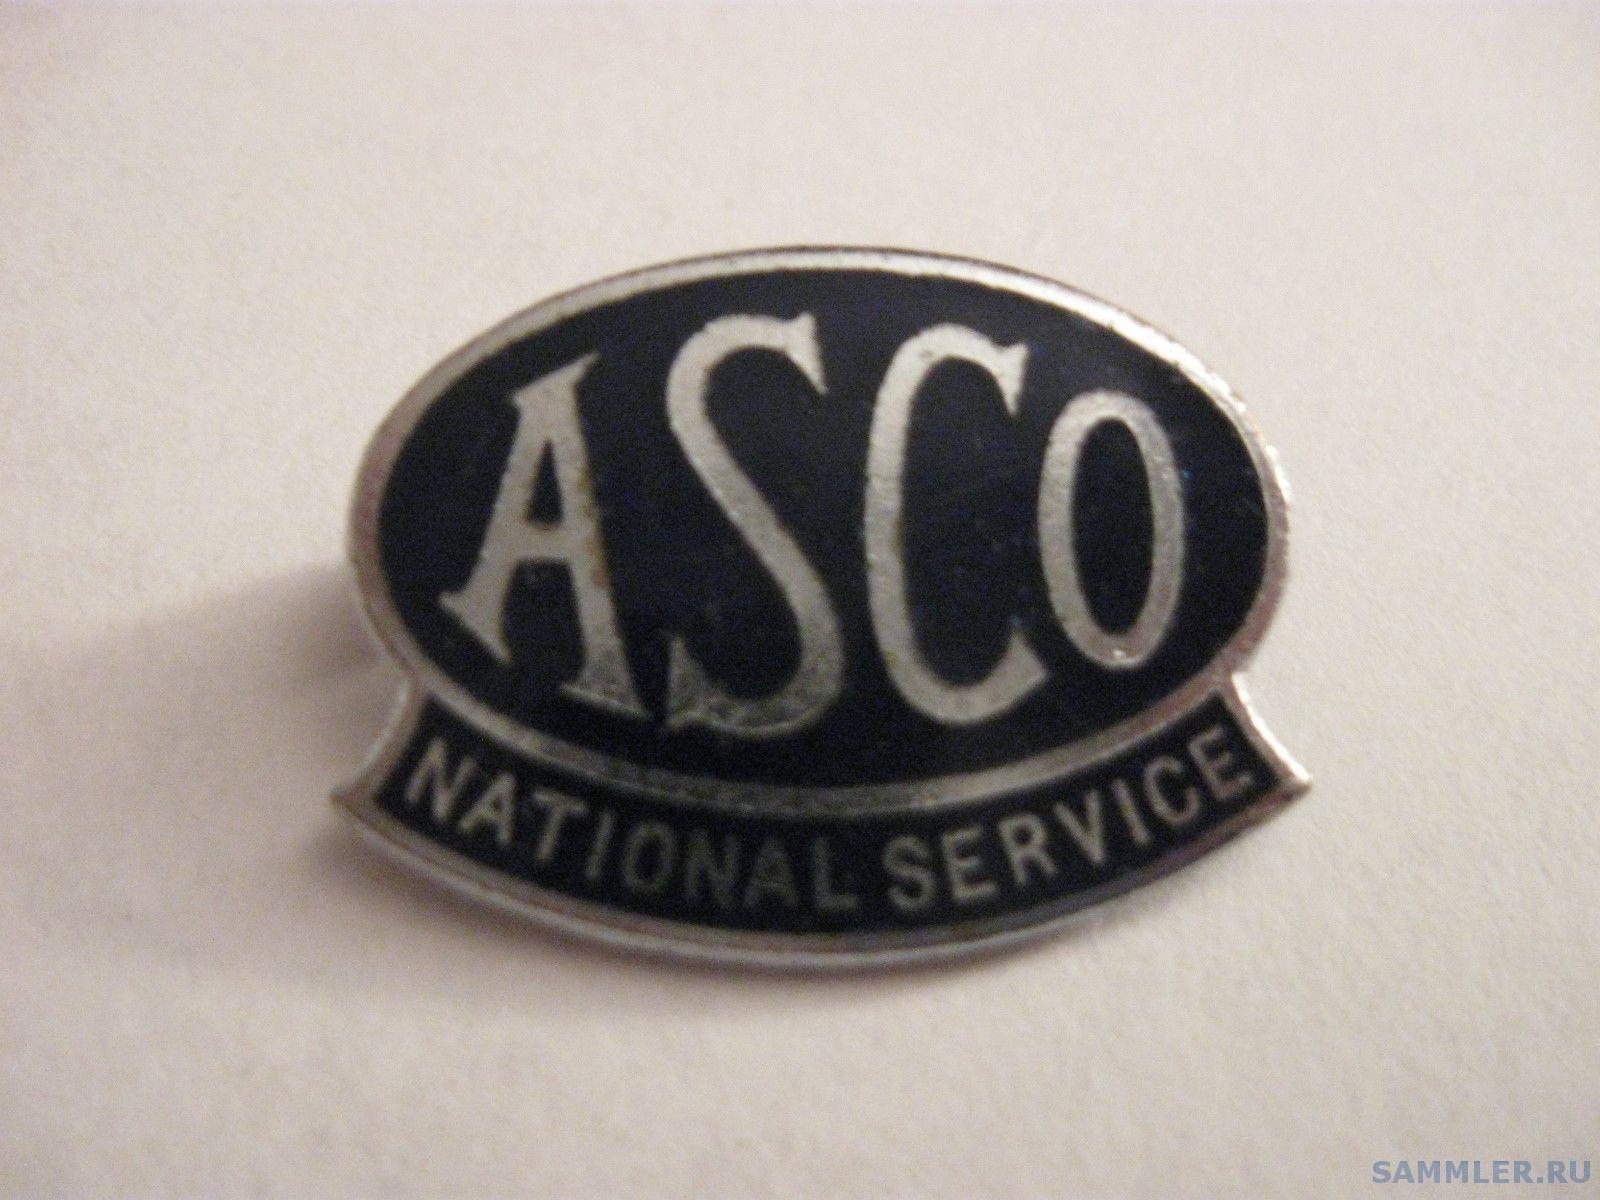 ASCO ON NATIONAL WAR SERVICE(пожаротехническое оборудование)..jpg